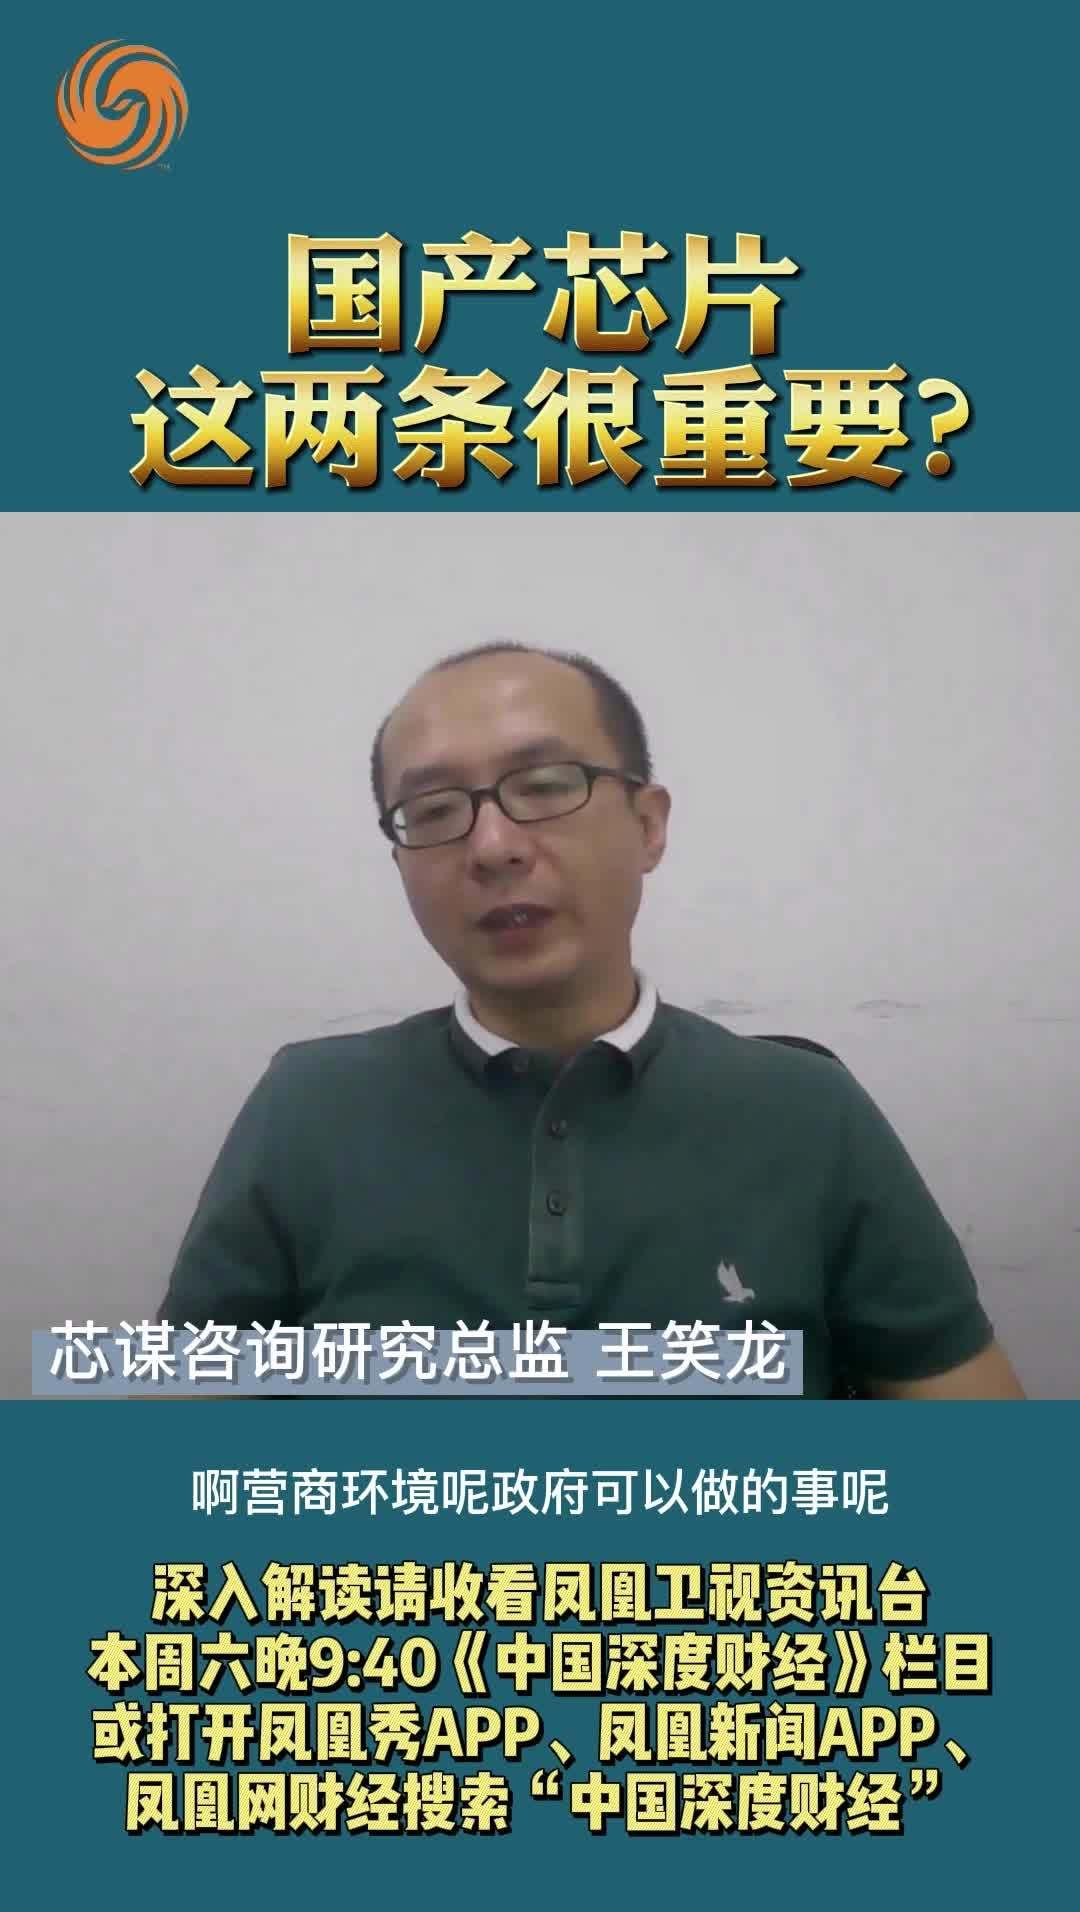 王笑龙:国产芯片这两条很重要?